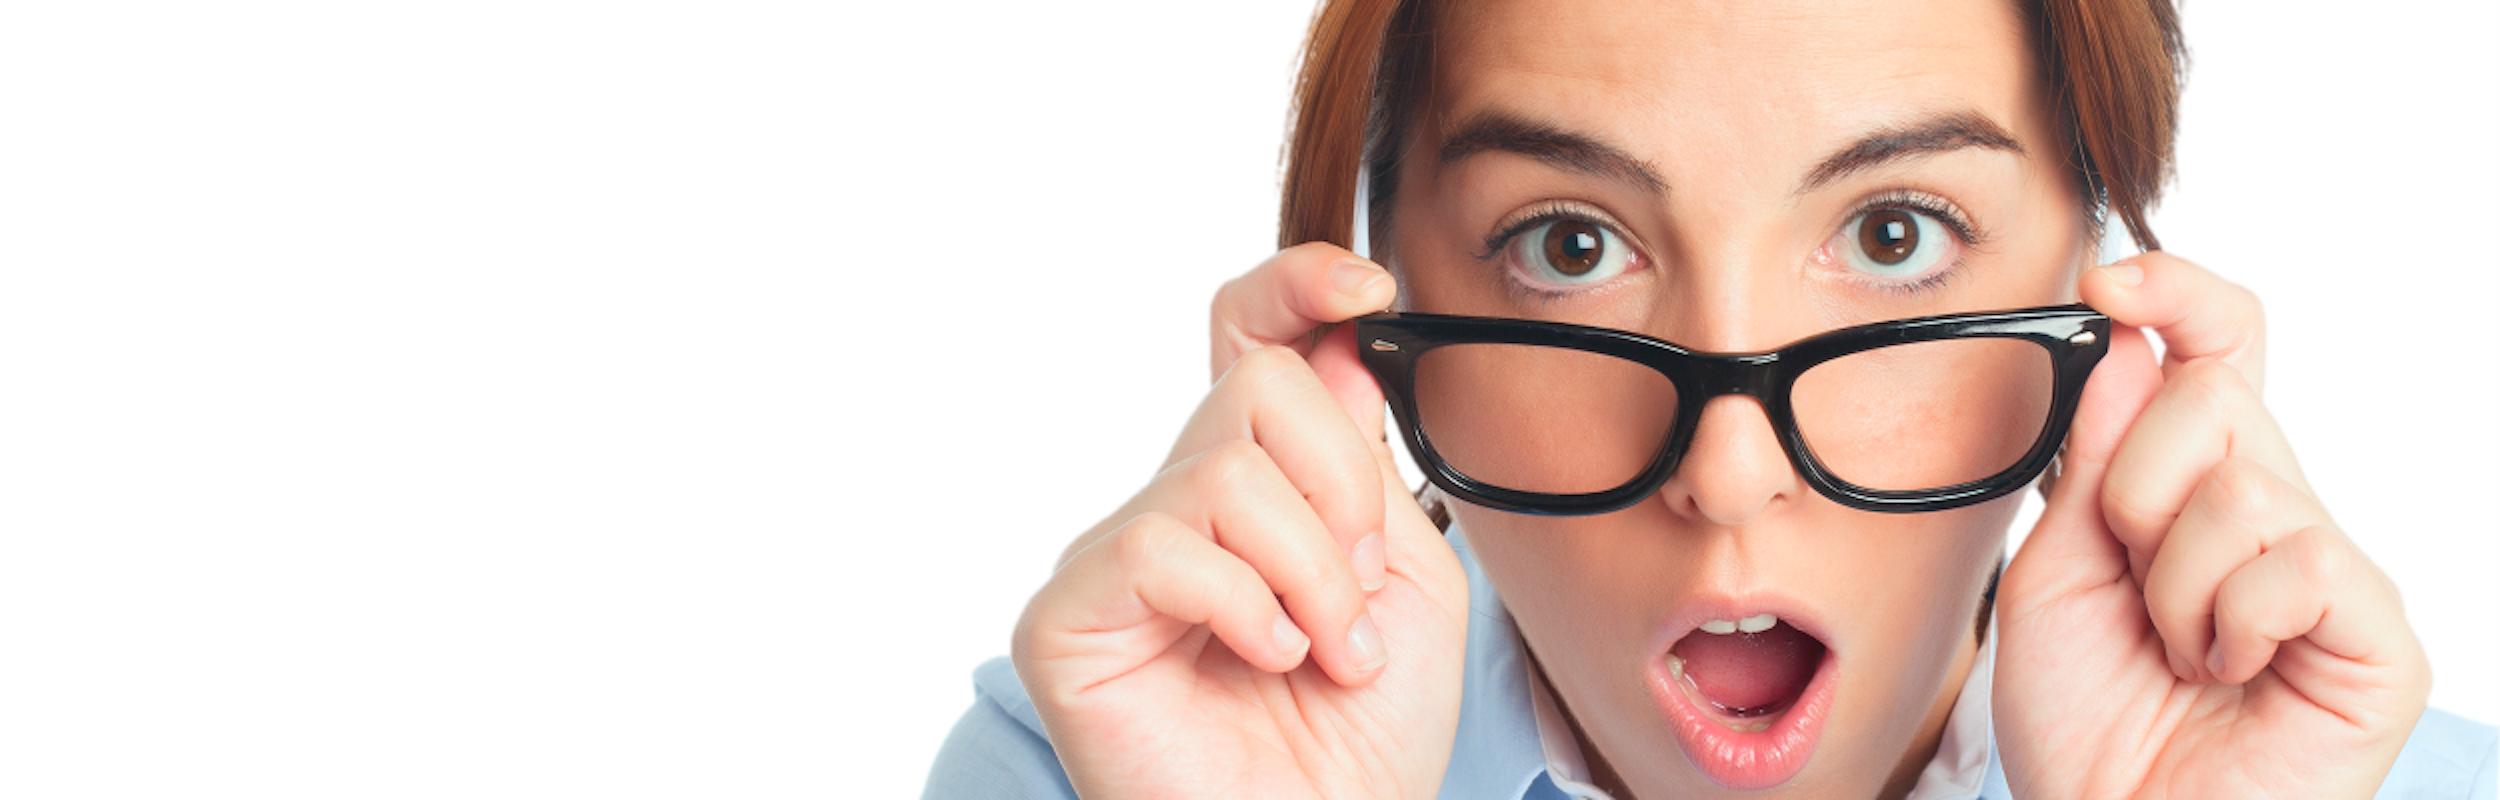 Chirurgie laser de la vision : 10 idées reçues - presbyview